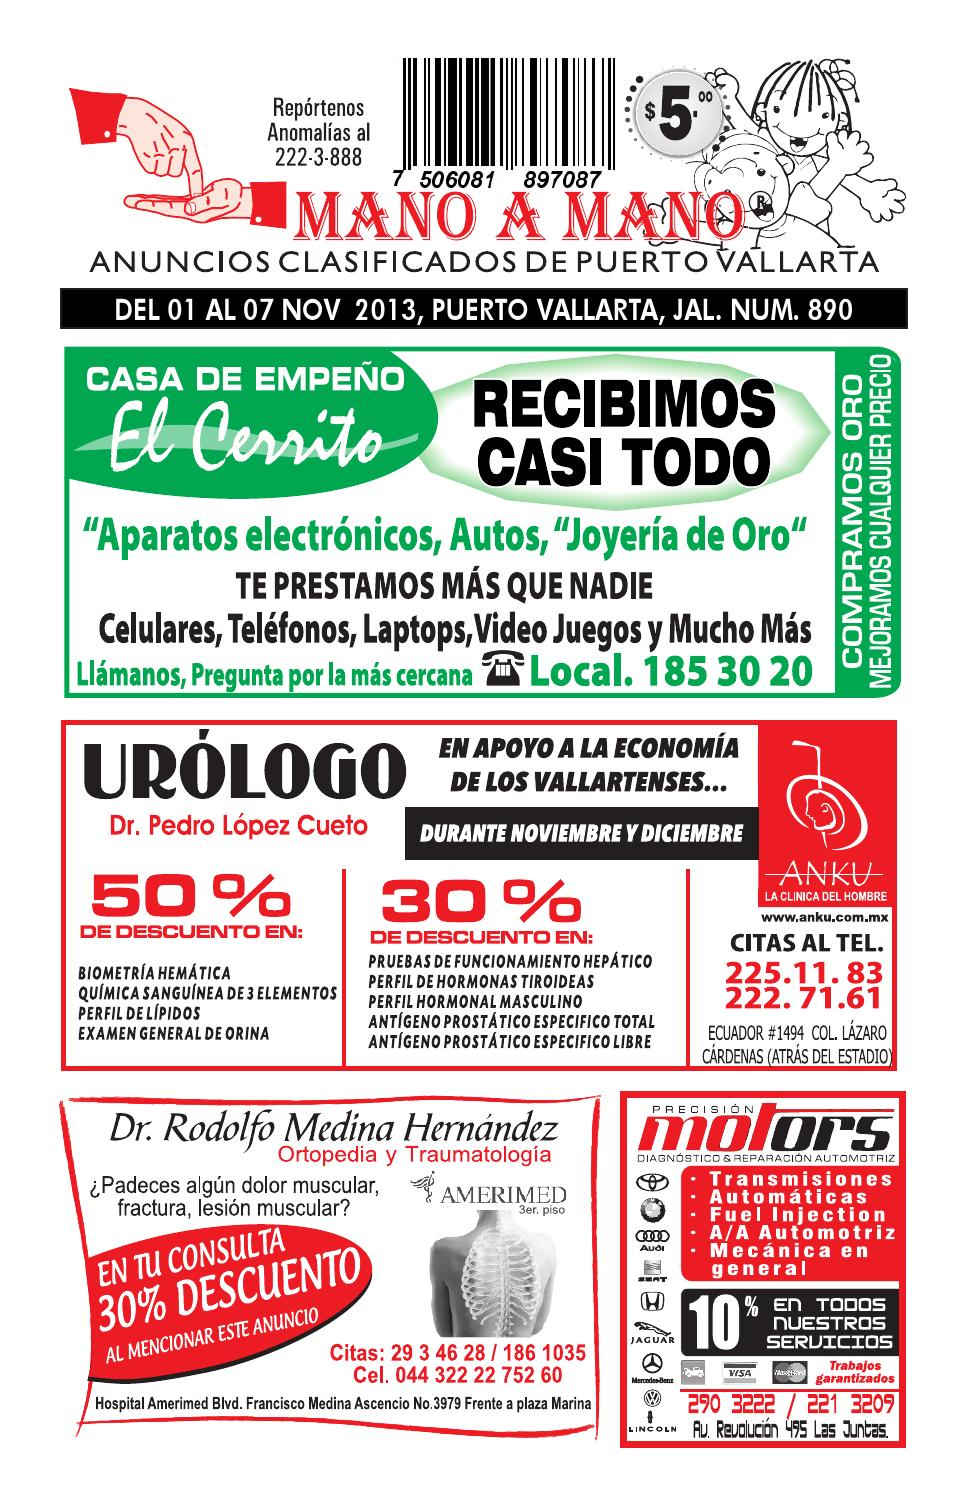 893c14ac588 Publicidad 890 by MANO A MANO - issuu